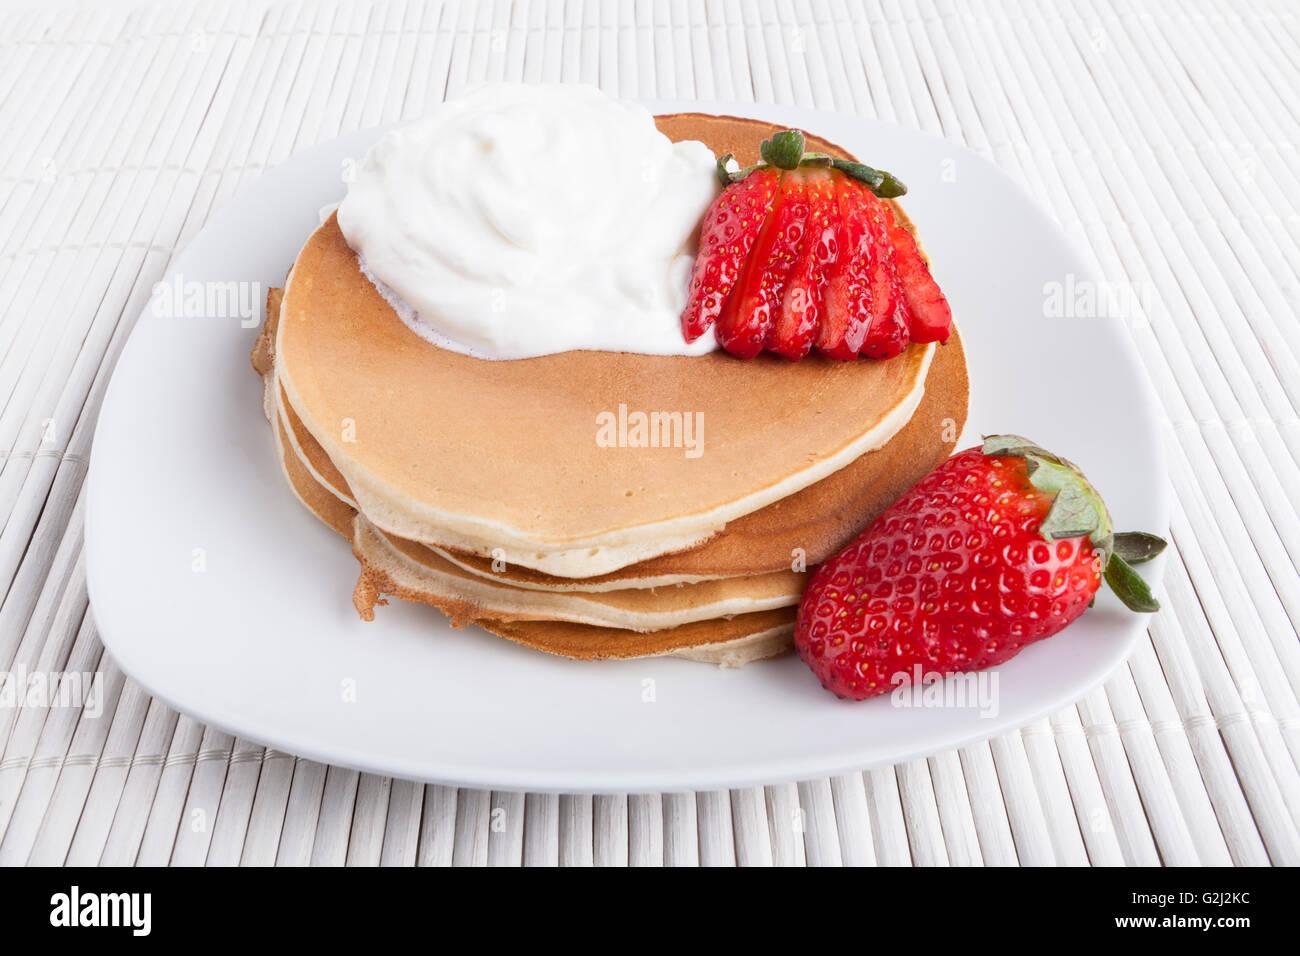 Pfannkuchen auf weisse Platte und Hintergrund laut Sahne und Erdbeere Stockbild